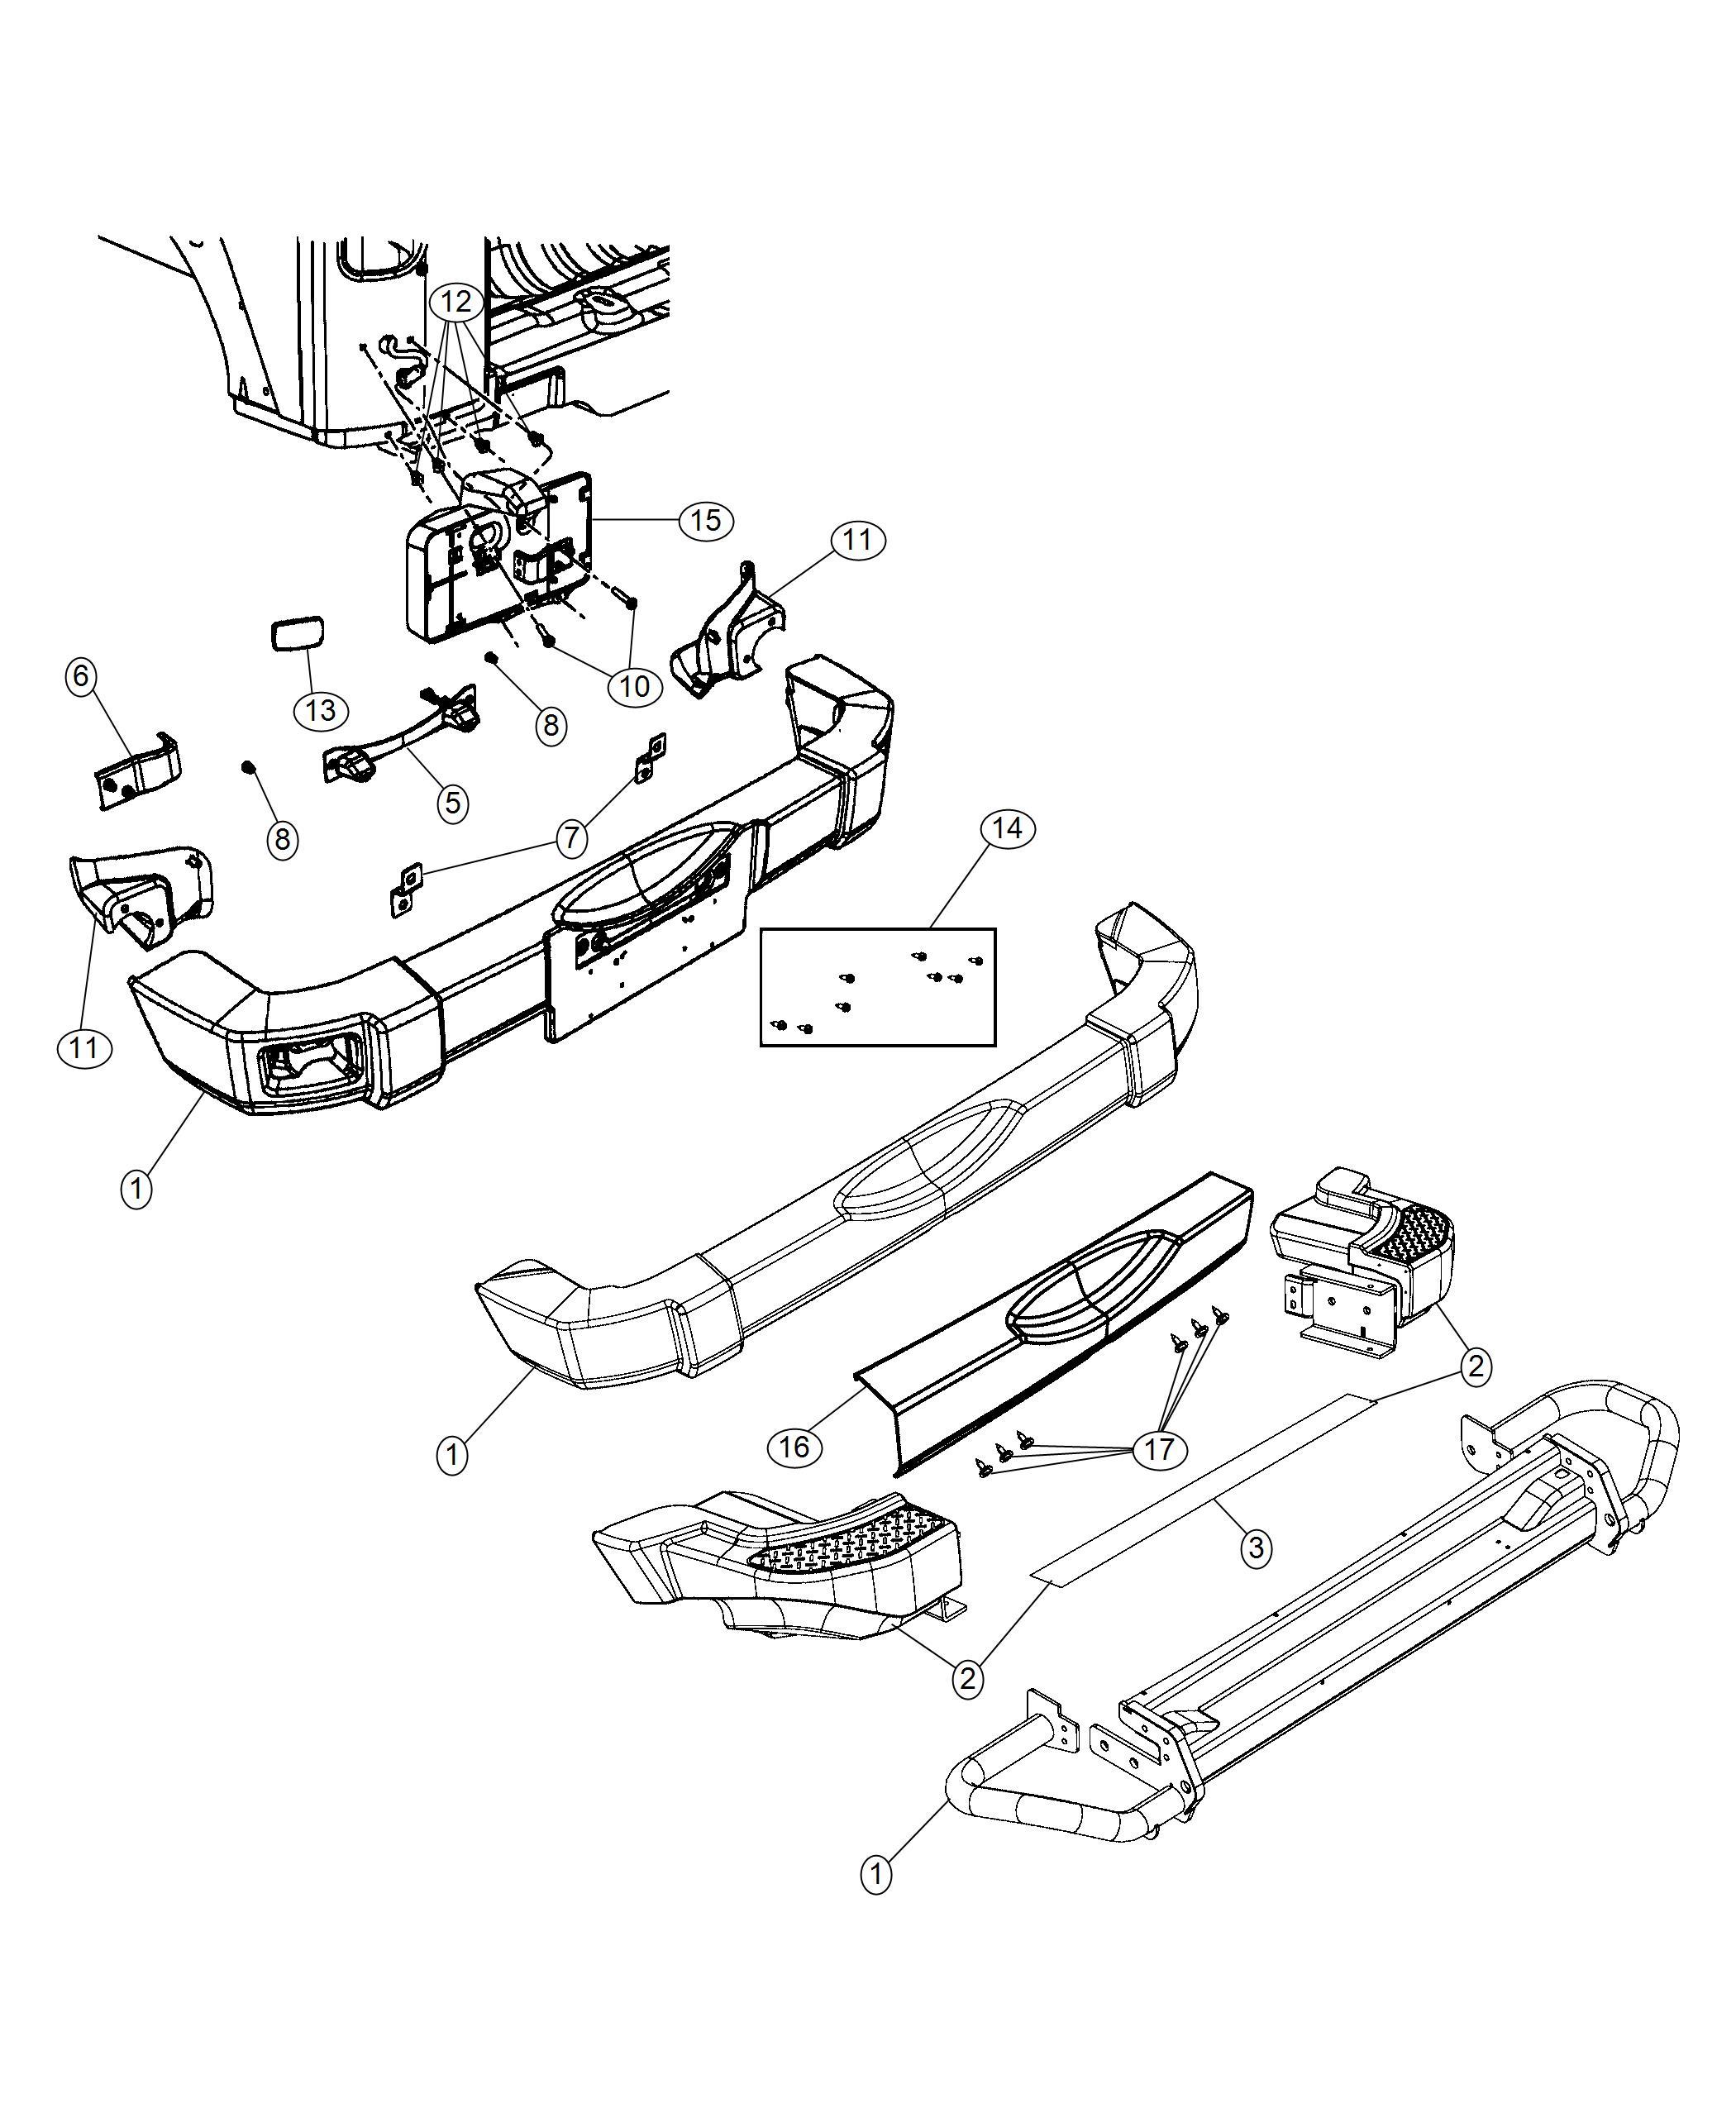 Jeep Wrangler Fastener Kit Rear Bumper Mopar Hd Rear